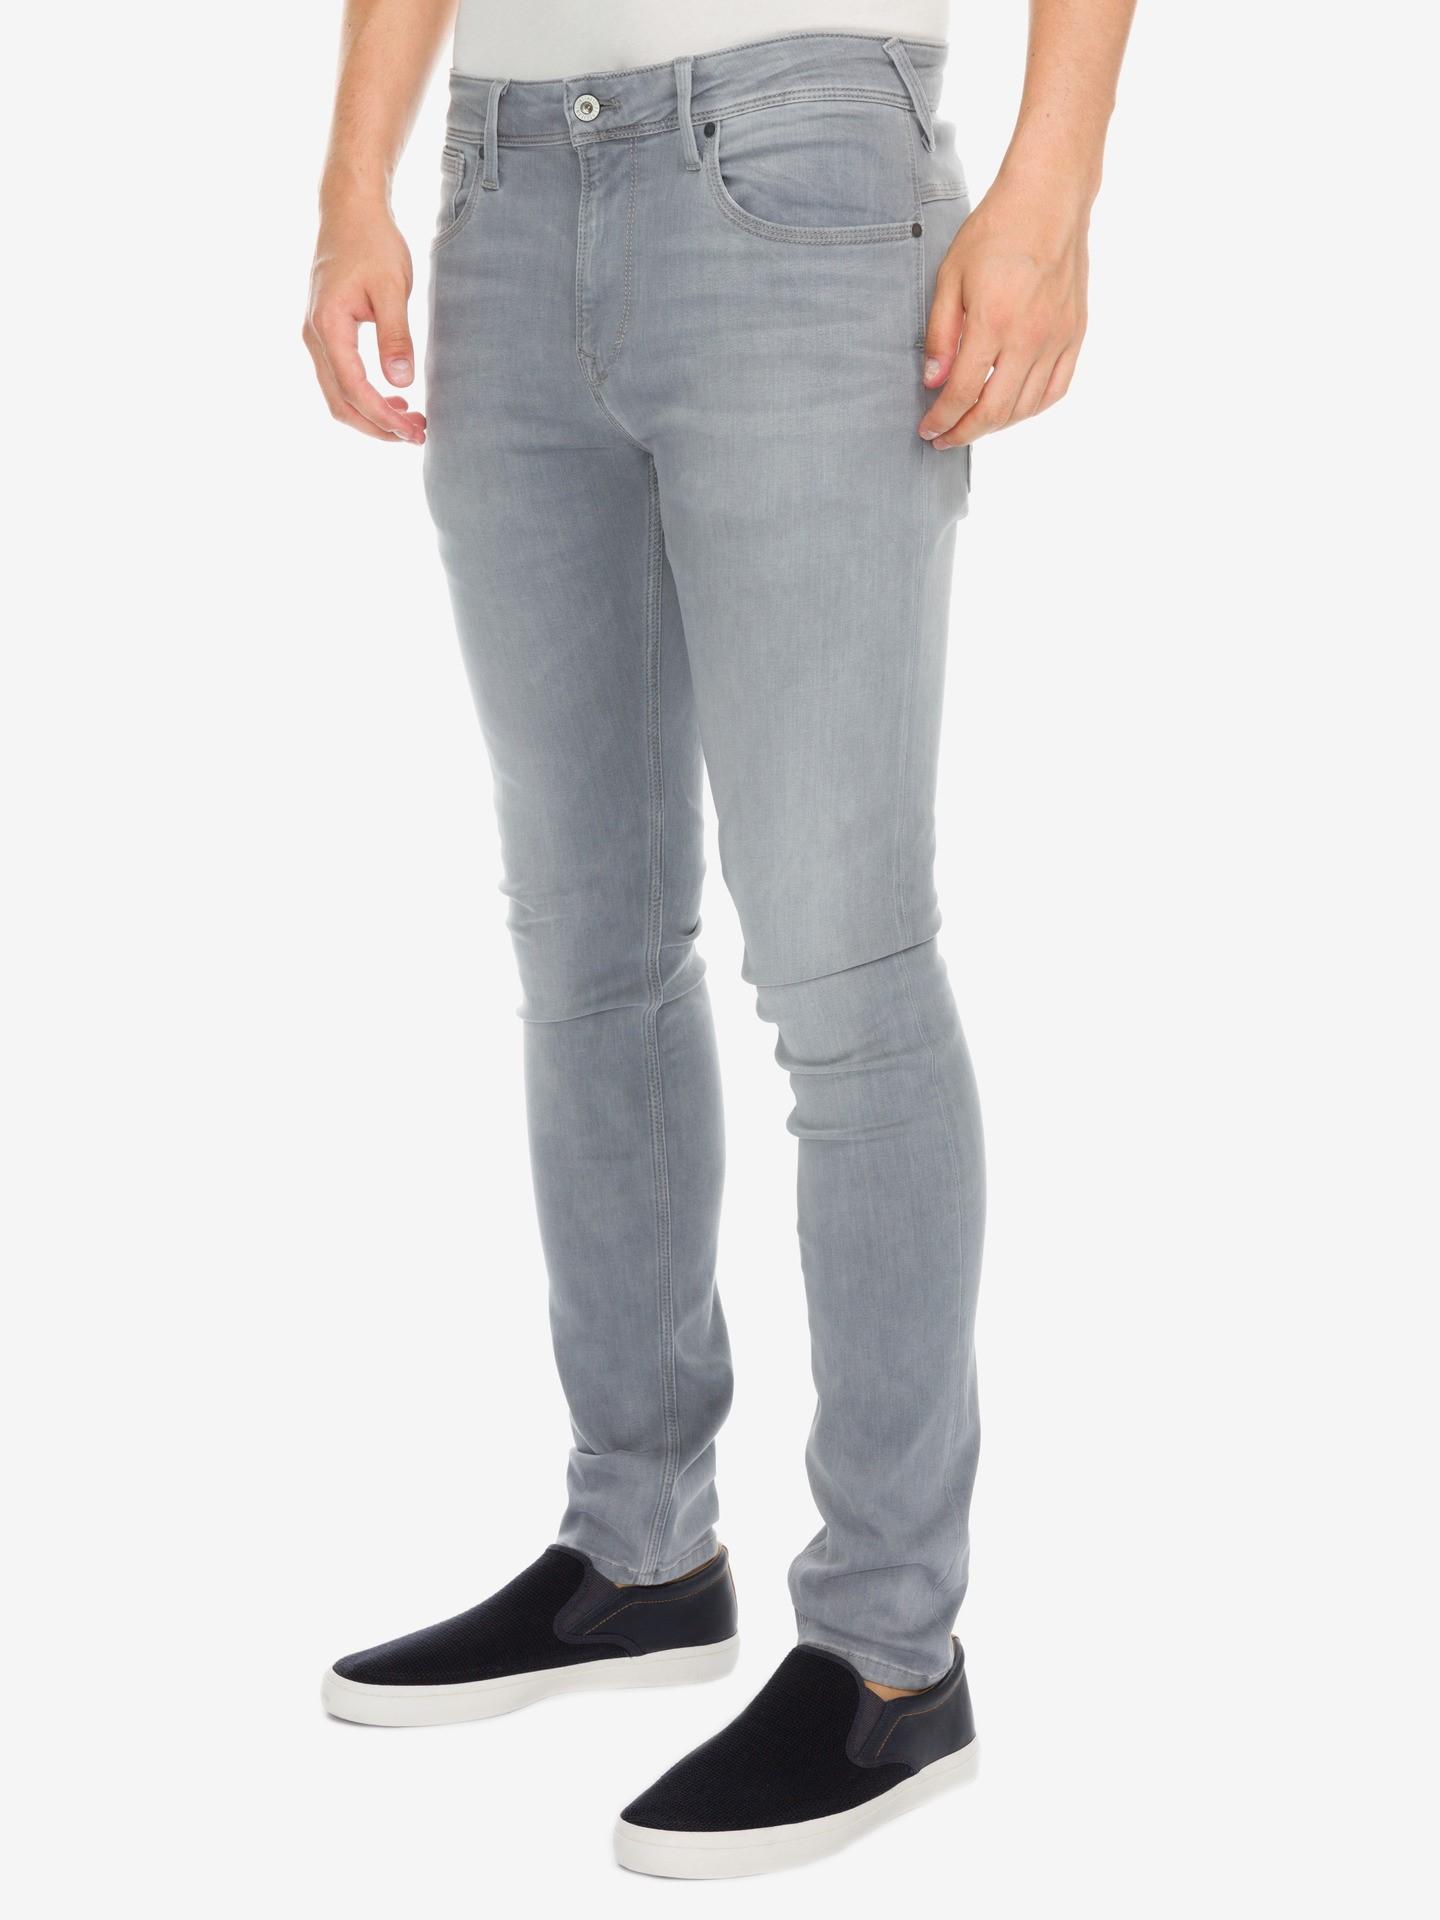 Джинсы Pepe Jeans  Серый Free Style